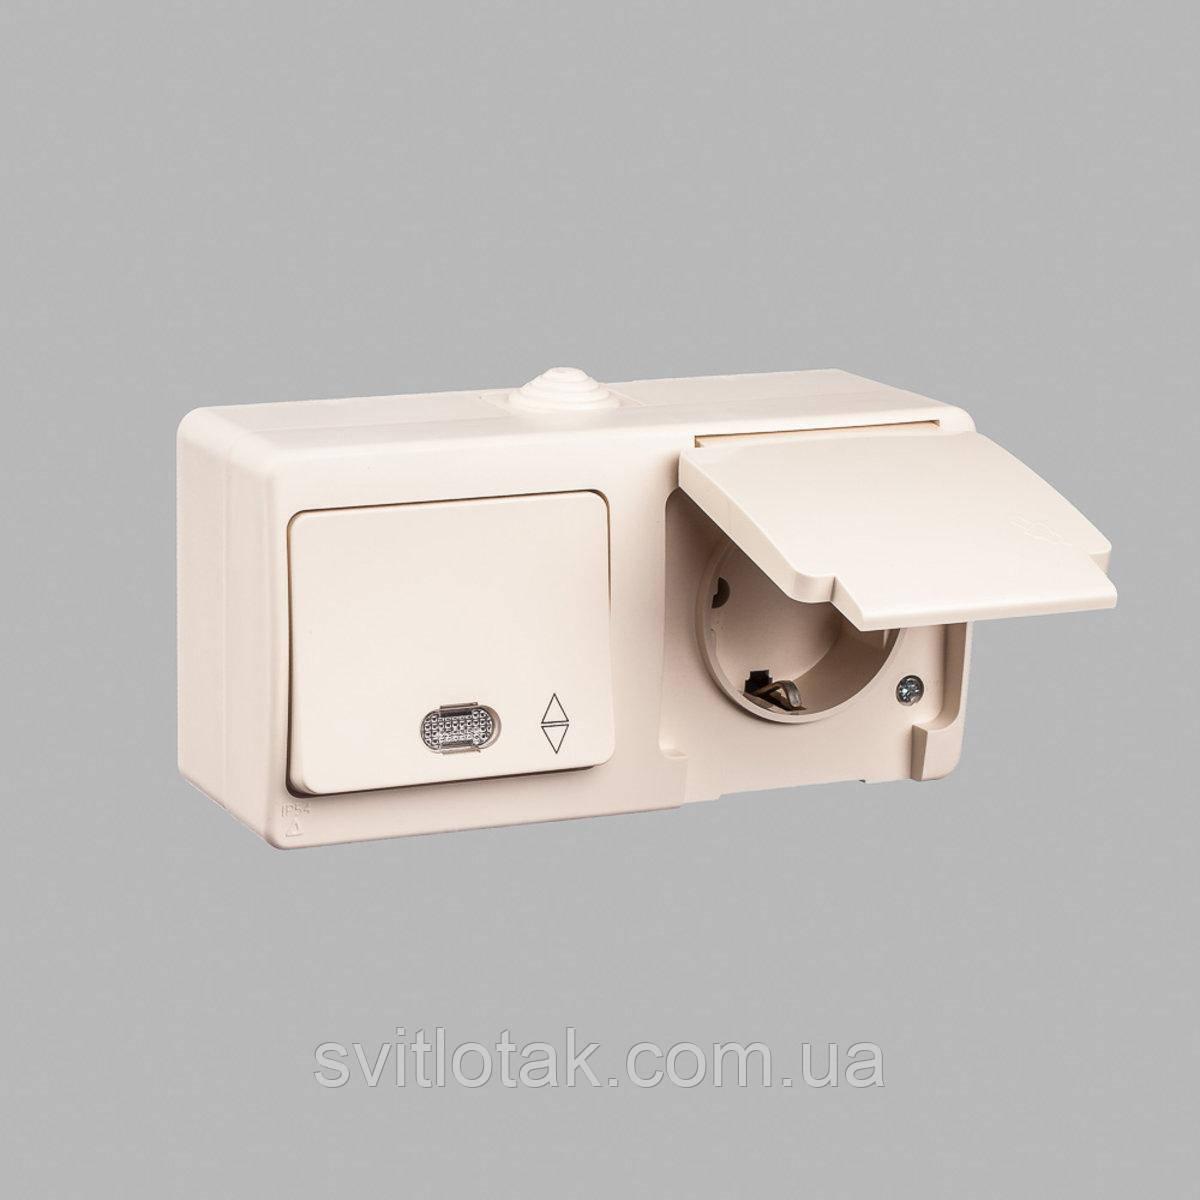 Nemli блок выключатель 1-ый с подсветкой + розетка с заземлением влагозащищенный кремовый